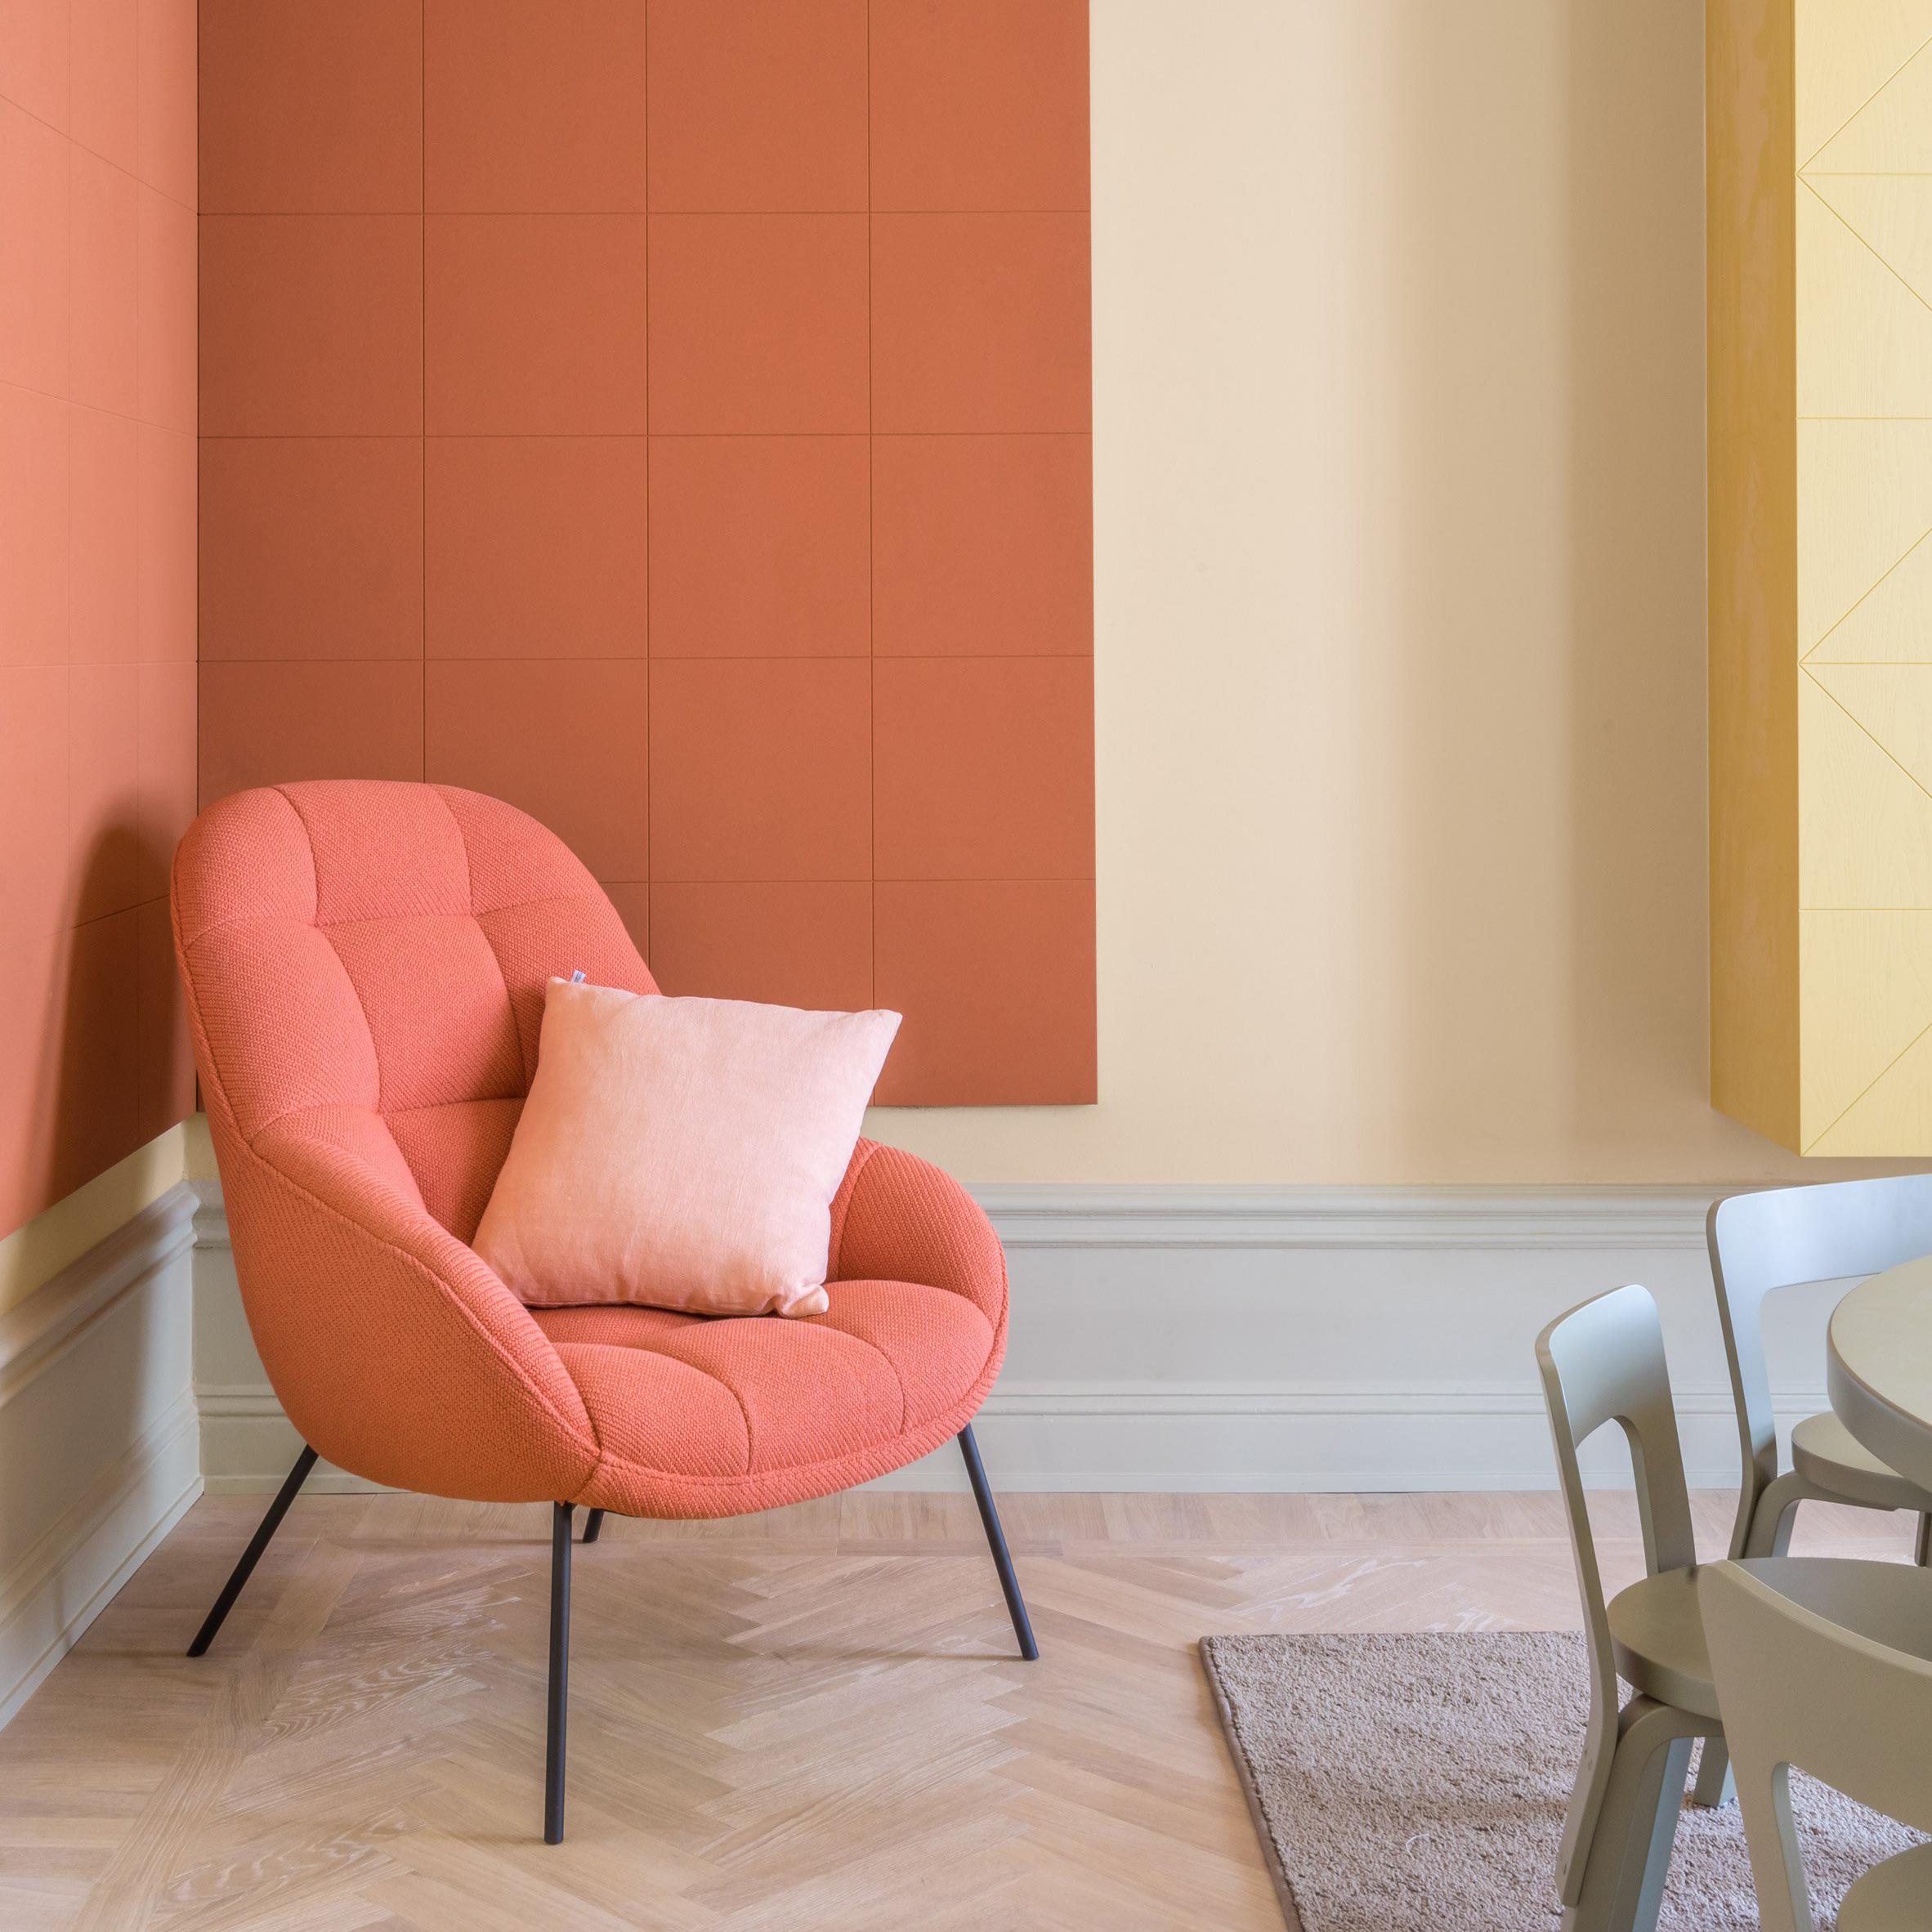 10 pastel-hued interiors from Dezeen's Pinterest boards